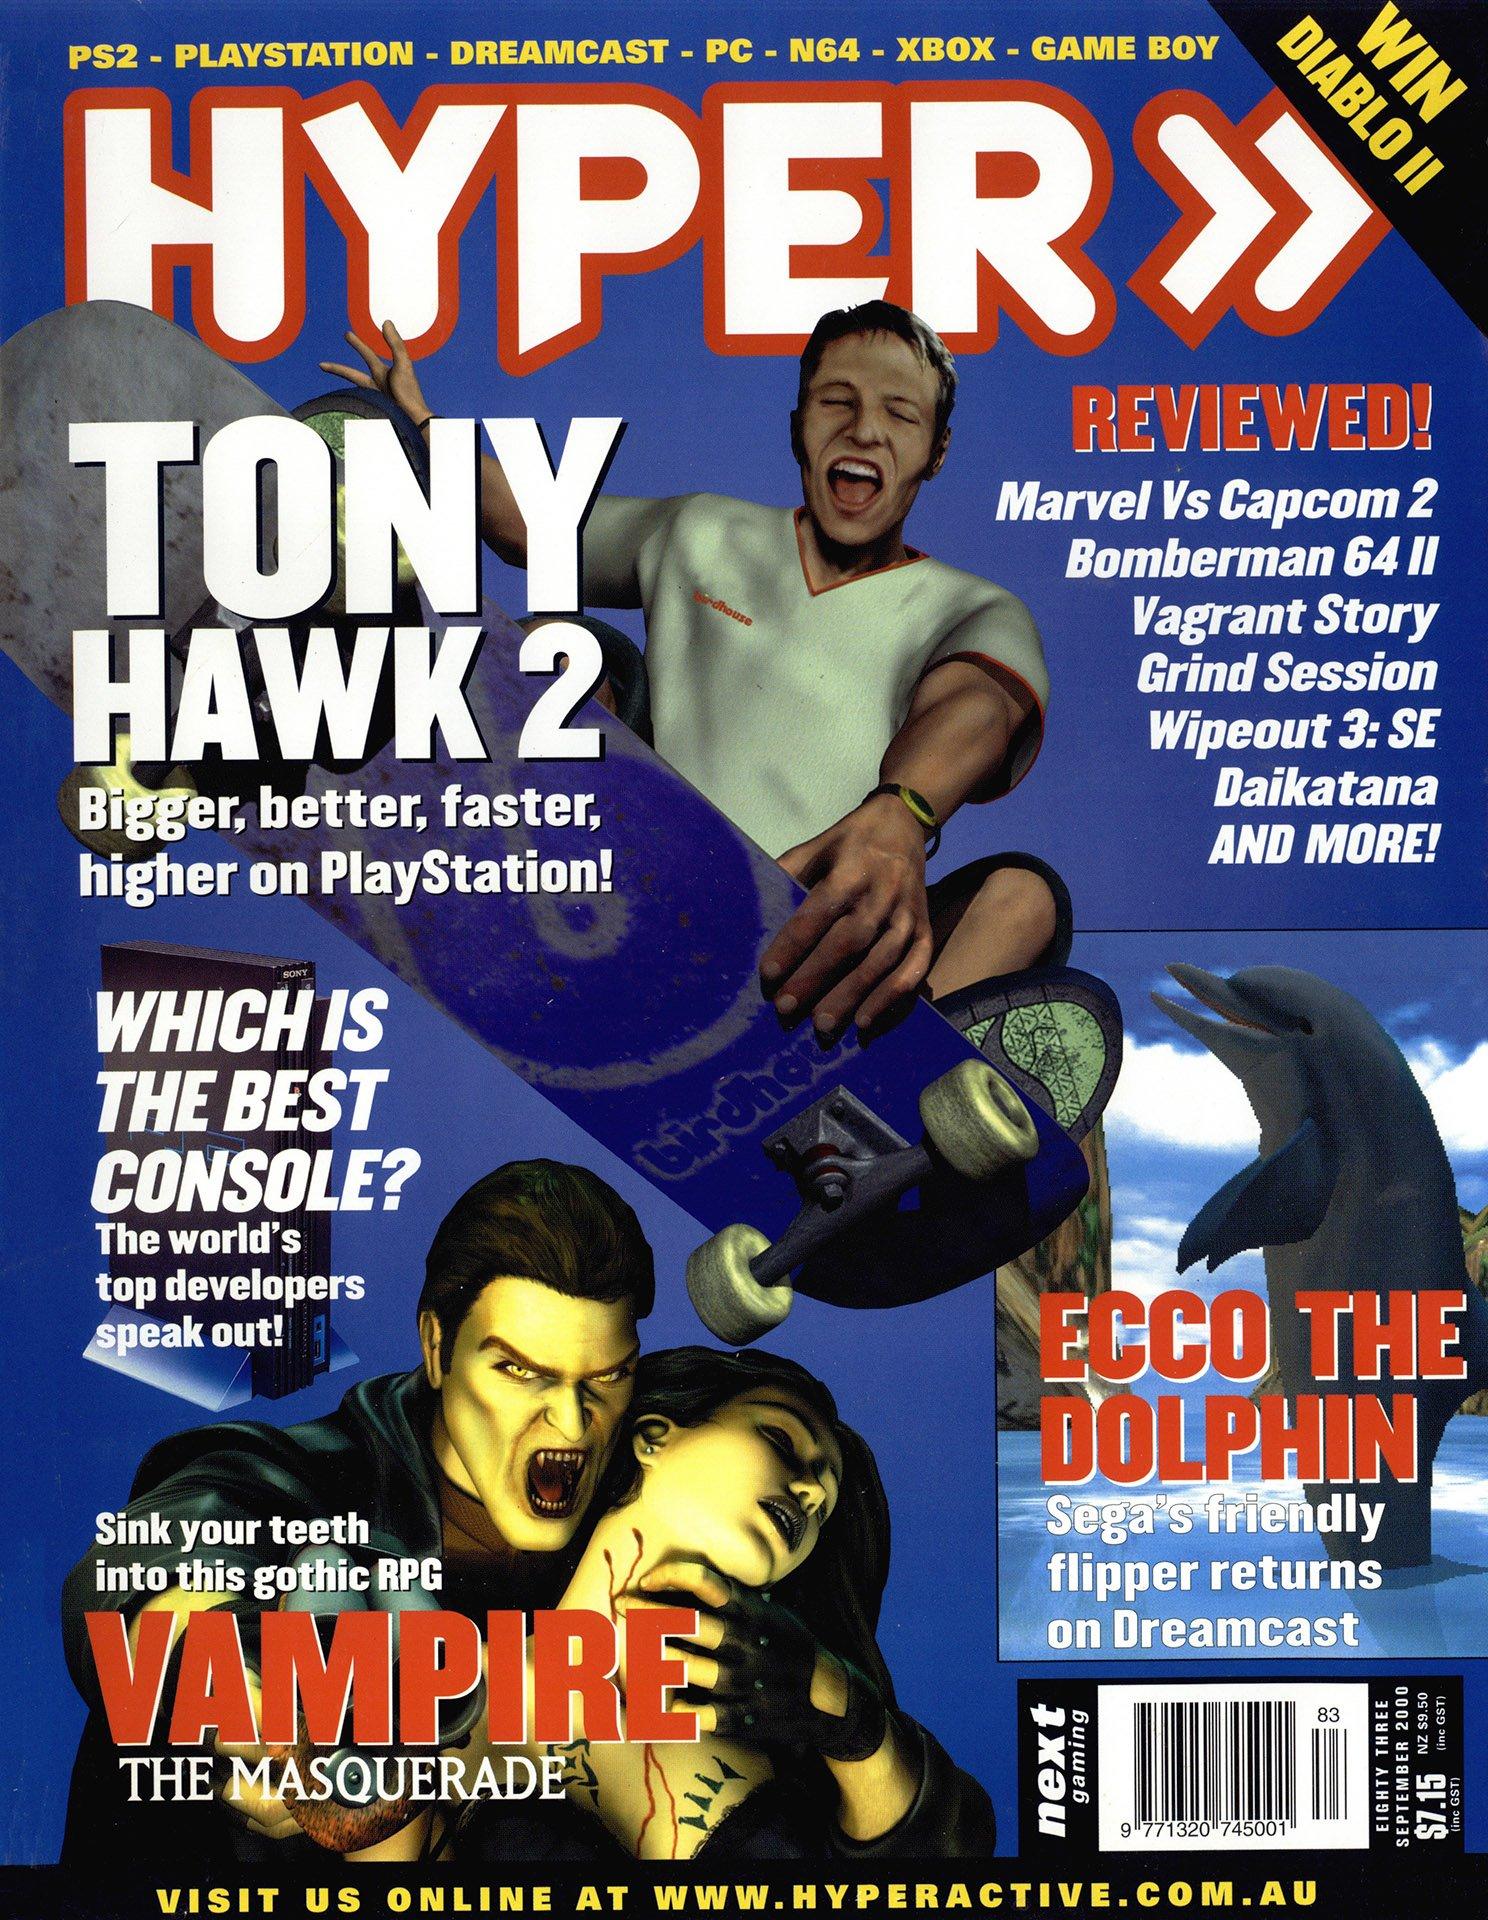 Hyper 083 (September 2000)